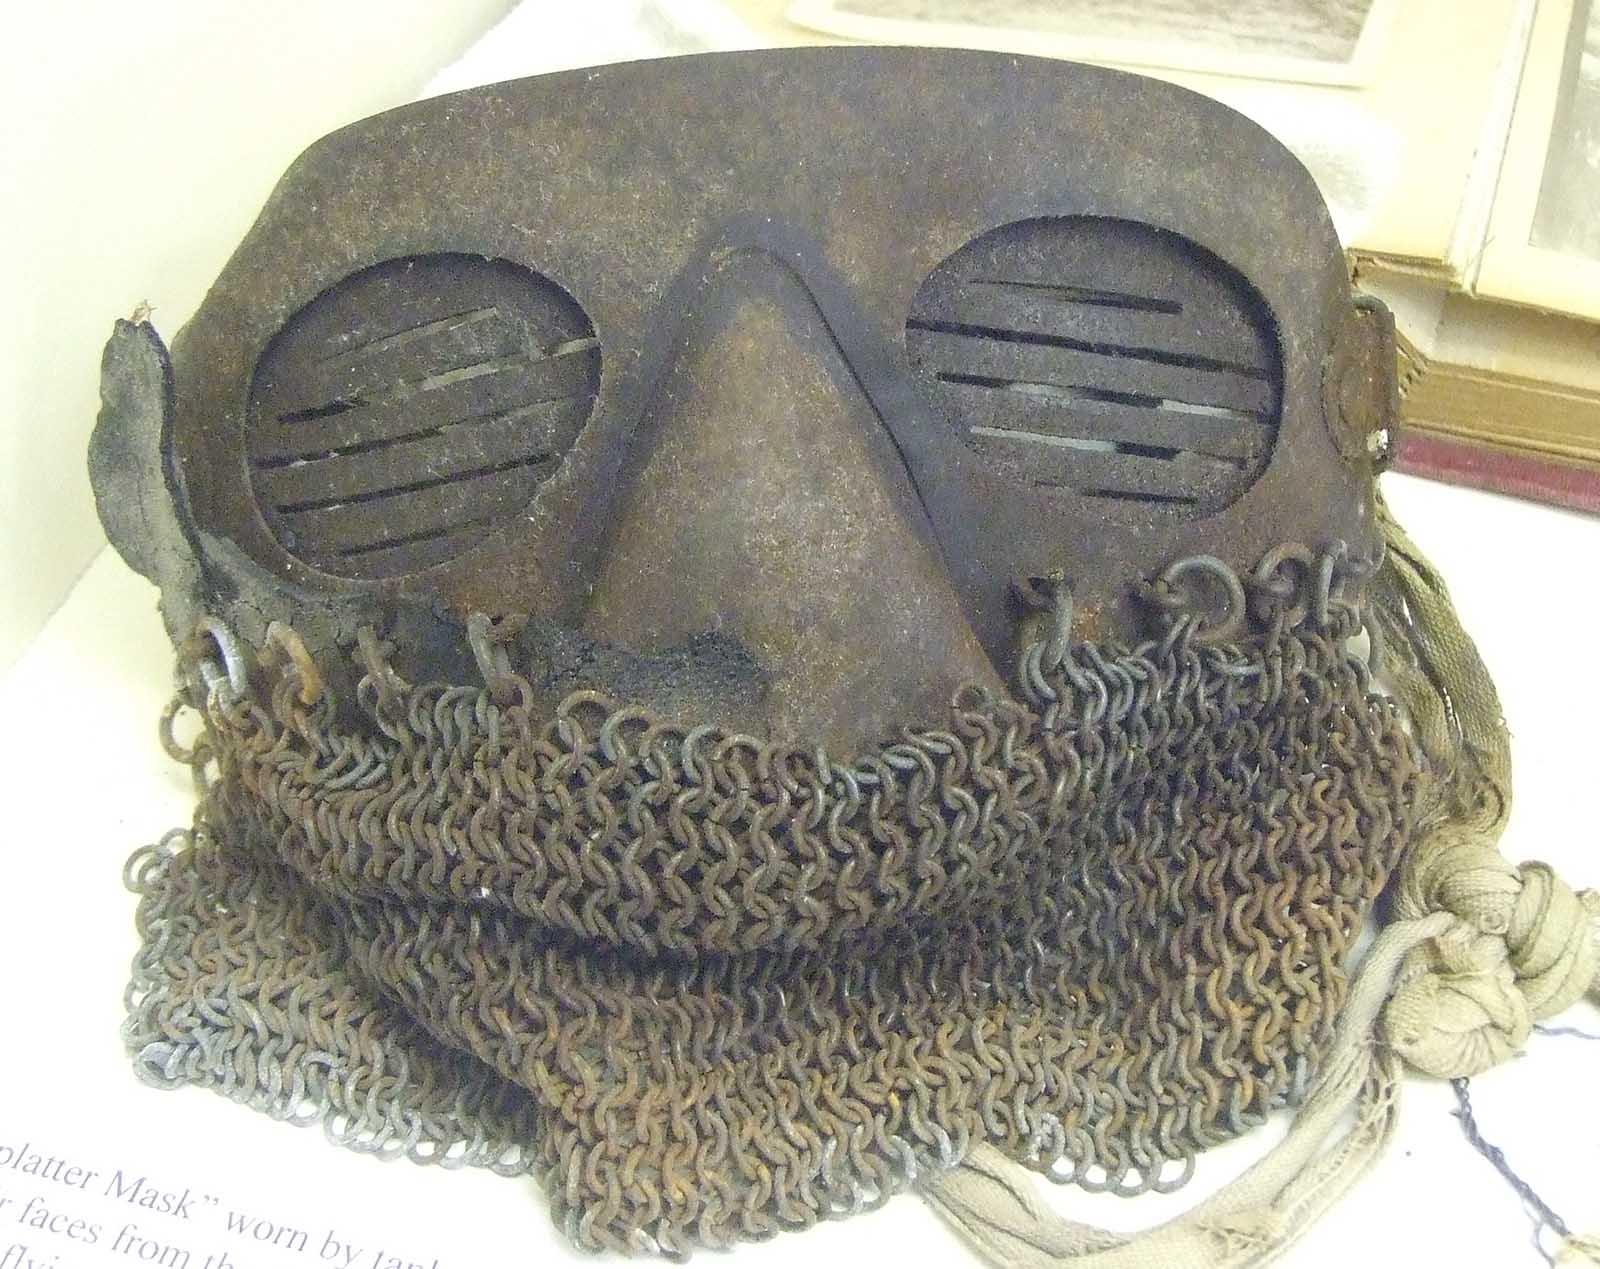 Una máscara de salpicadura sobreviviente en un museo británico.